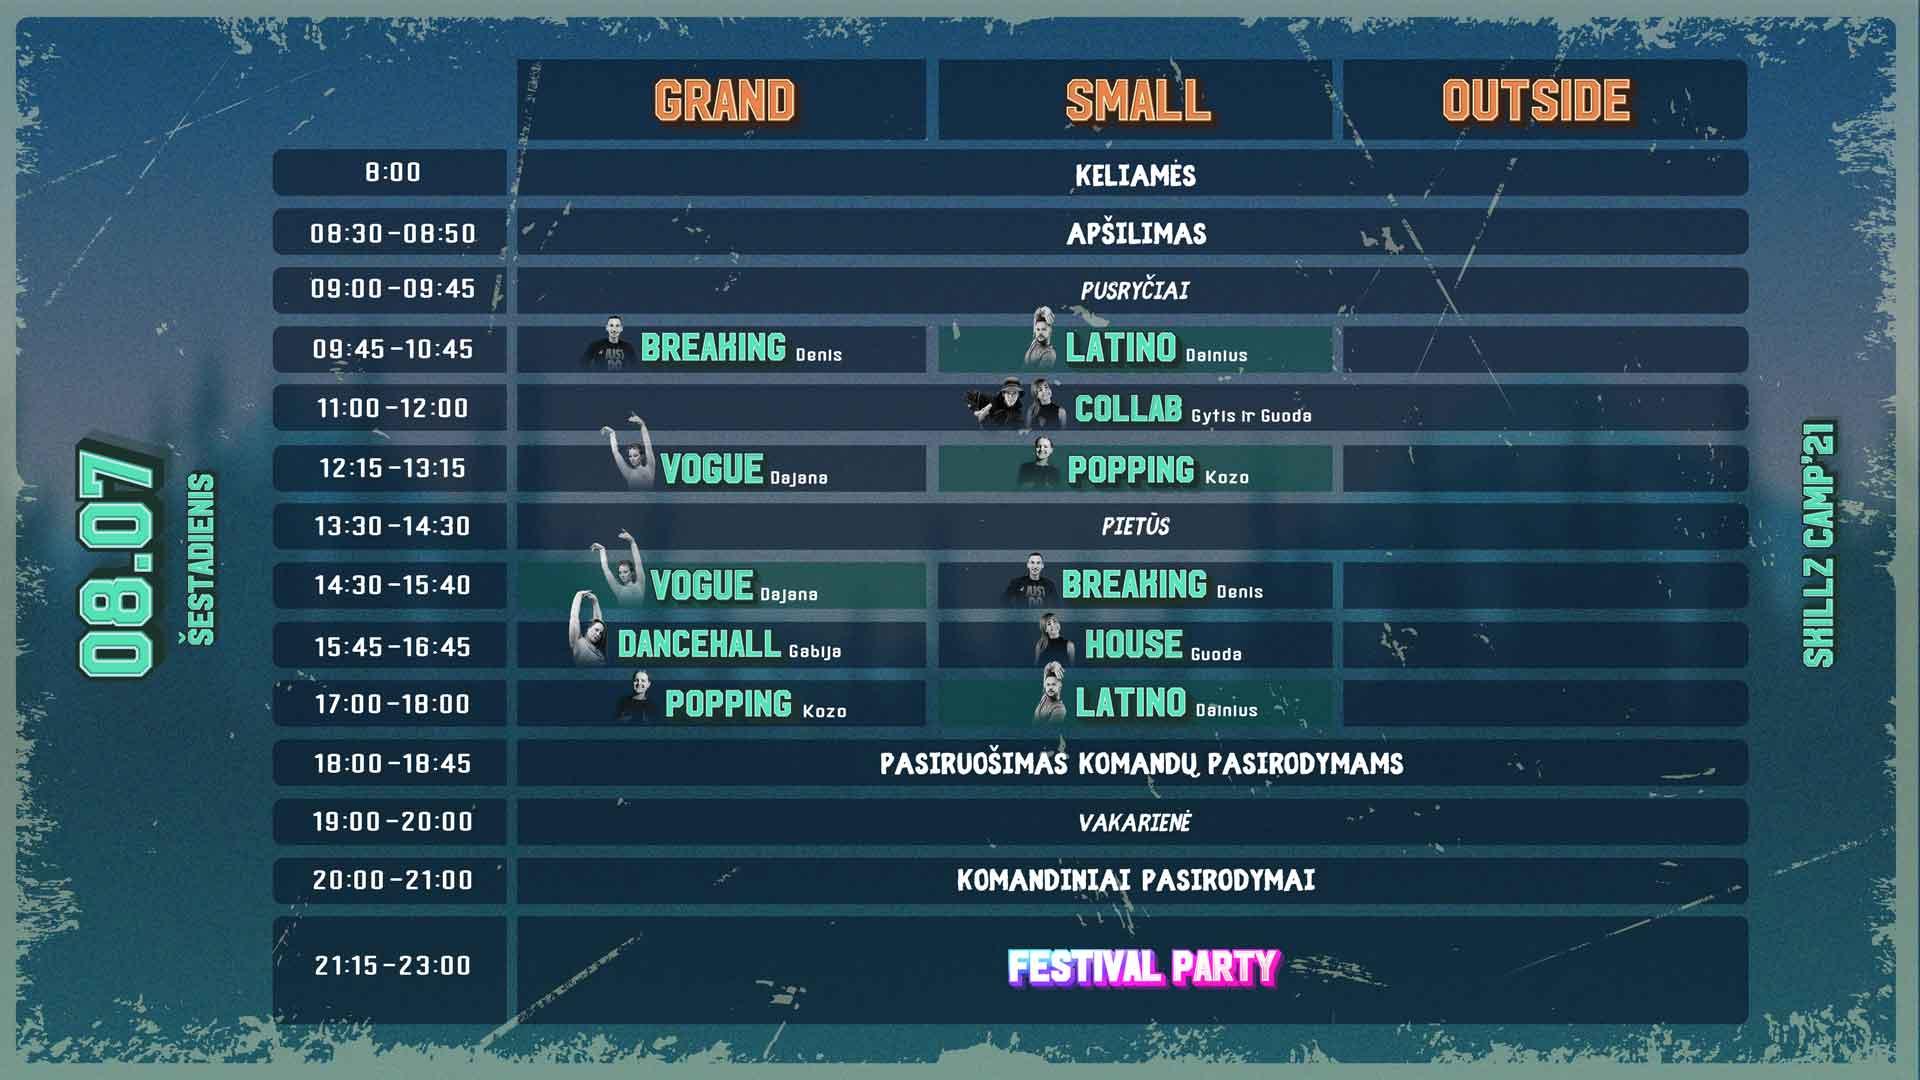 Schedule-08_07